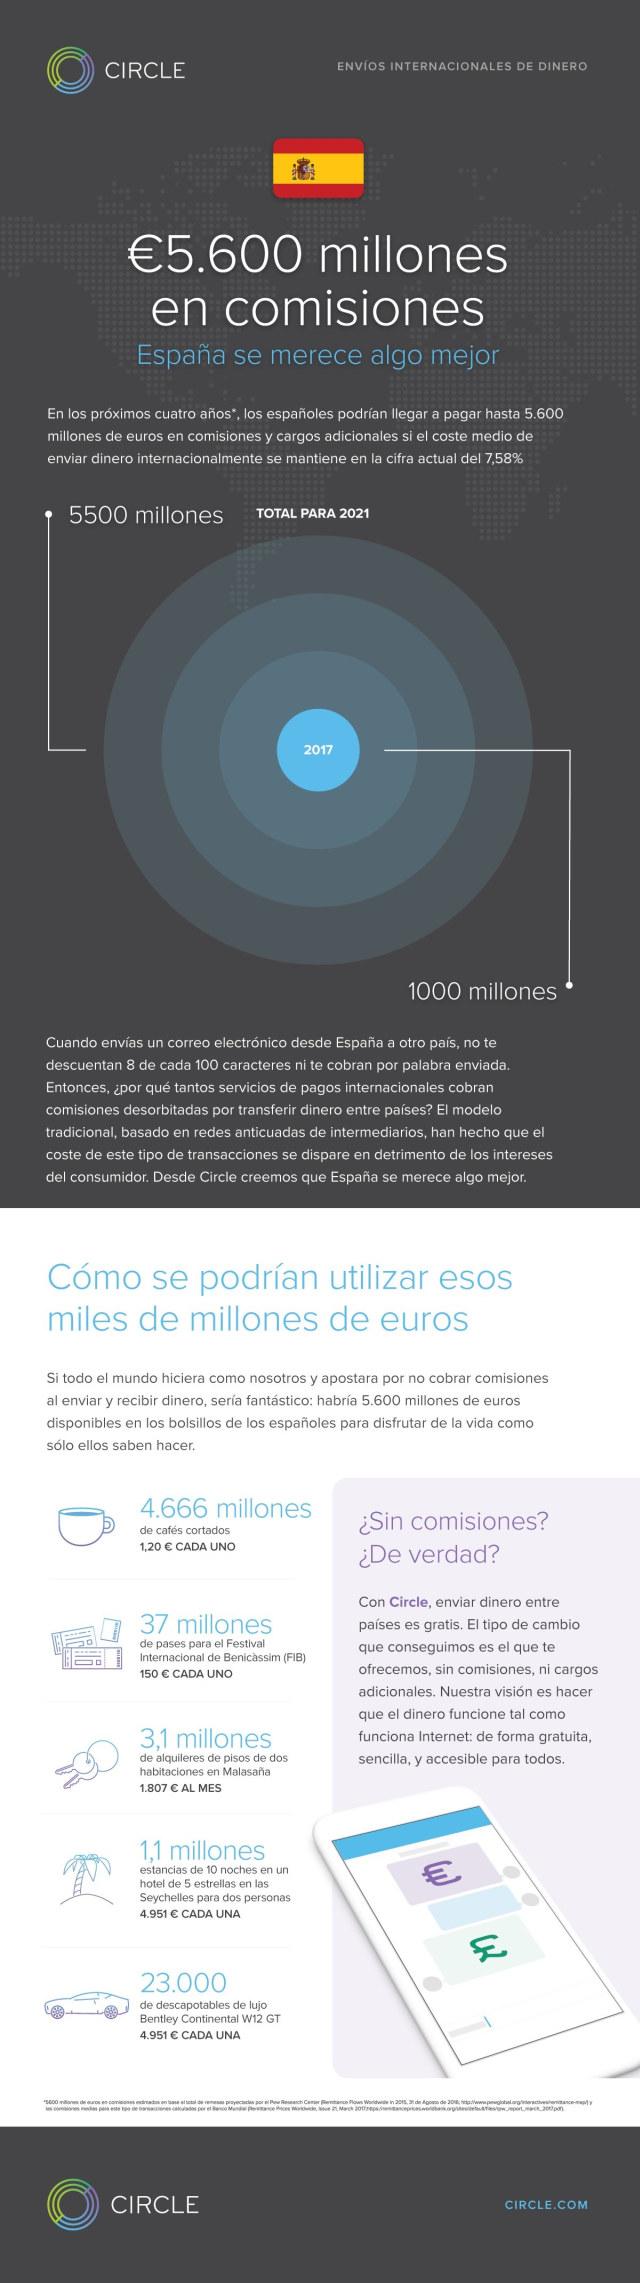 Circle revoluciona los pagos transfronterizos haciéndolos gratuitos para todos sus usuarios